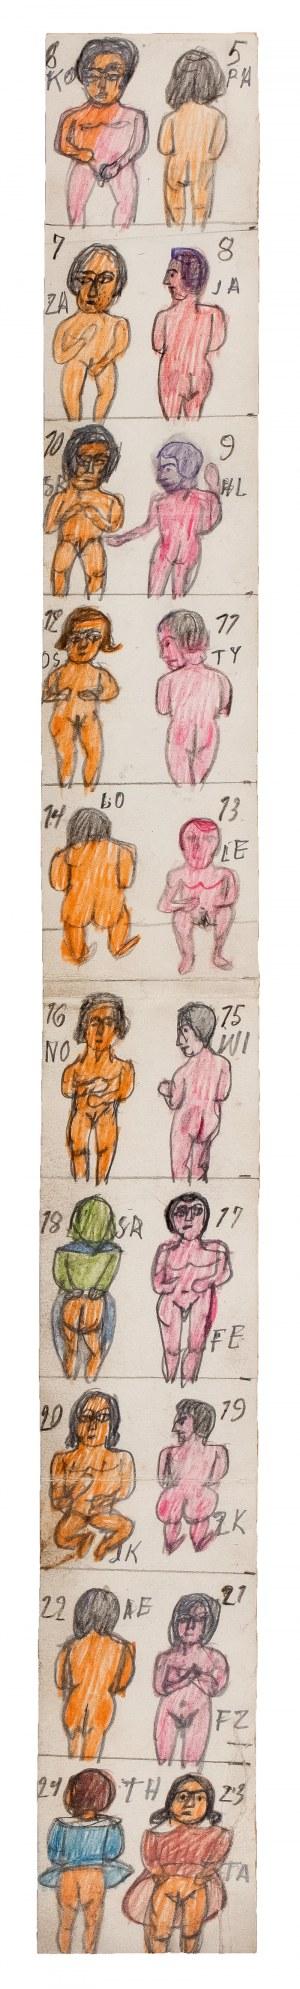 Nikifor Krynicki (1895 Krynica-1968 Folusz), Historyjka erotyczna